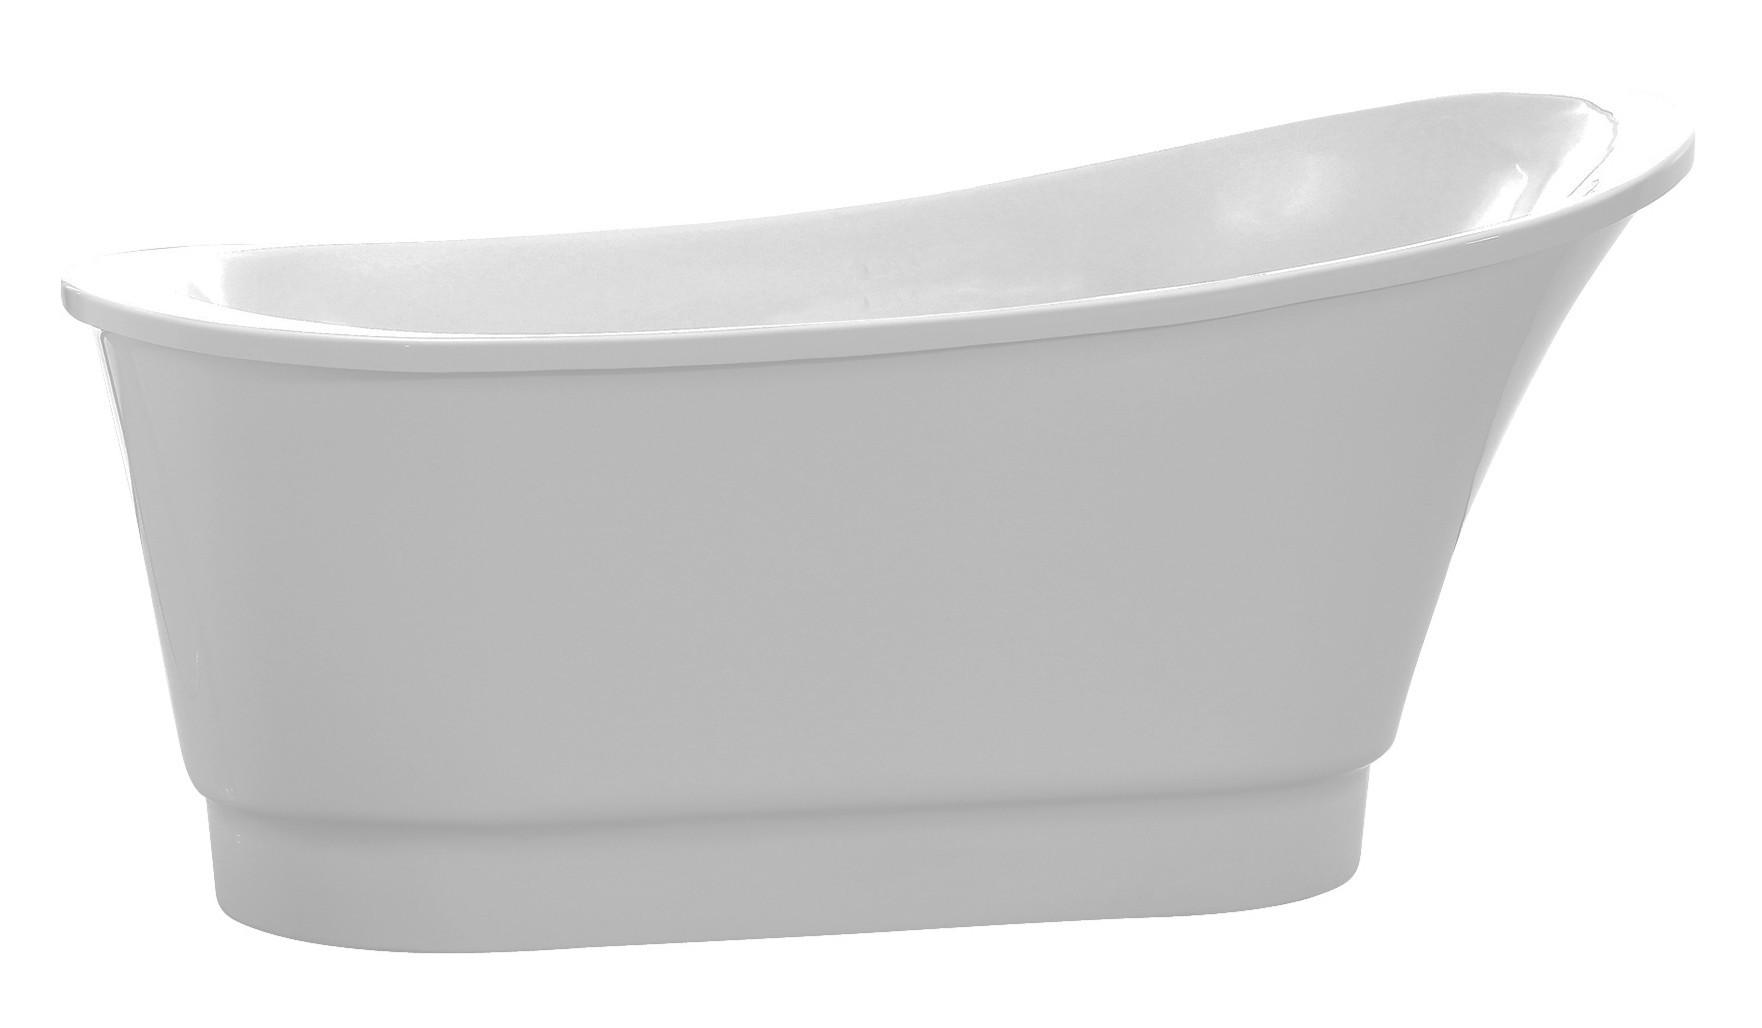 Anzzi FT-AZ095 Prima Series 5.58 ft. Freestanding Bathtub in White